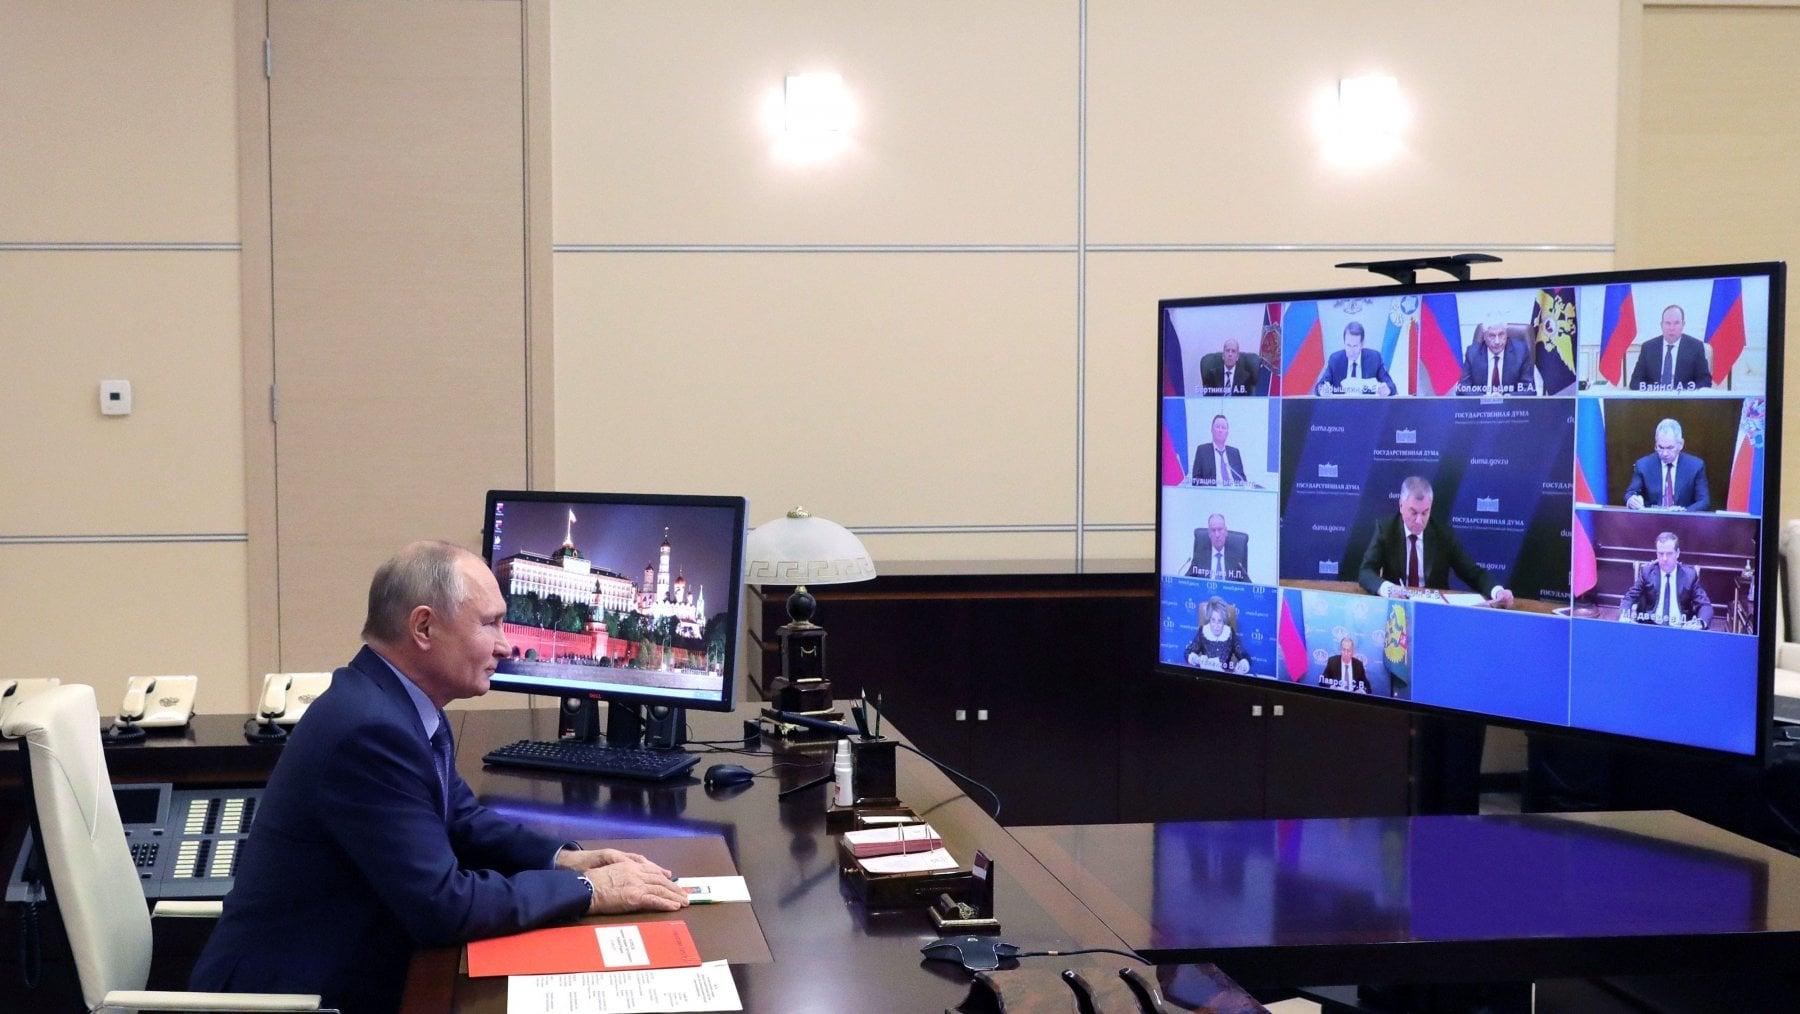 222252419 b33da225 eeec 419e a229 a07057e2cd7e - Russia, ultimatum a Navalnyj: immediato rientro a Mosca o il carcere